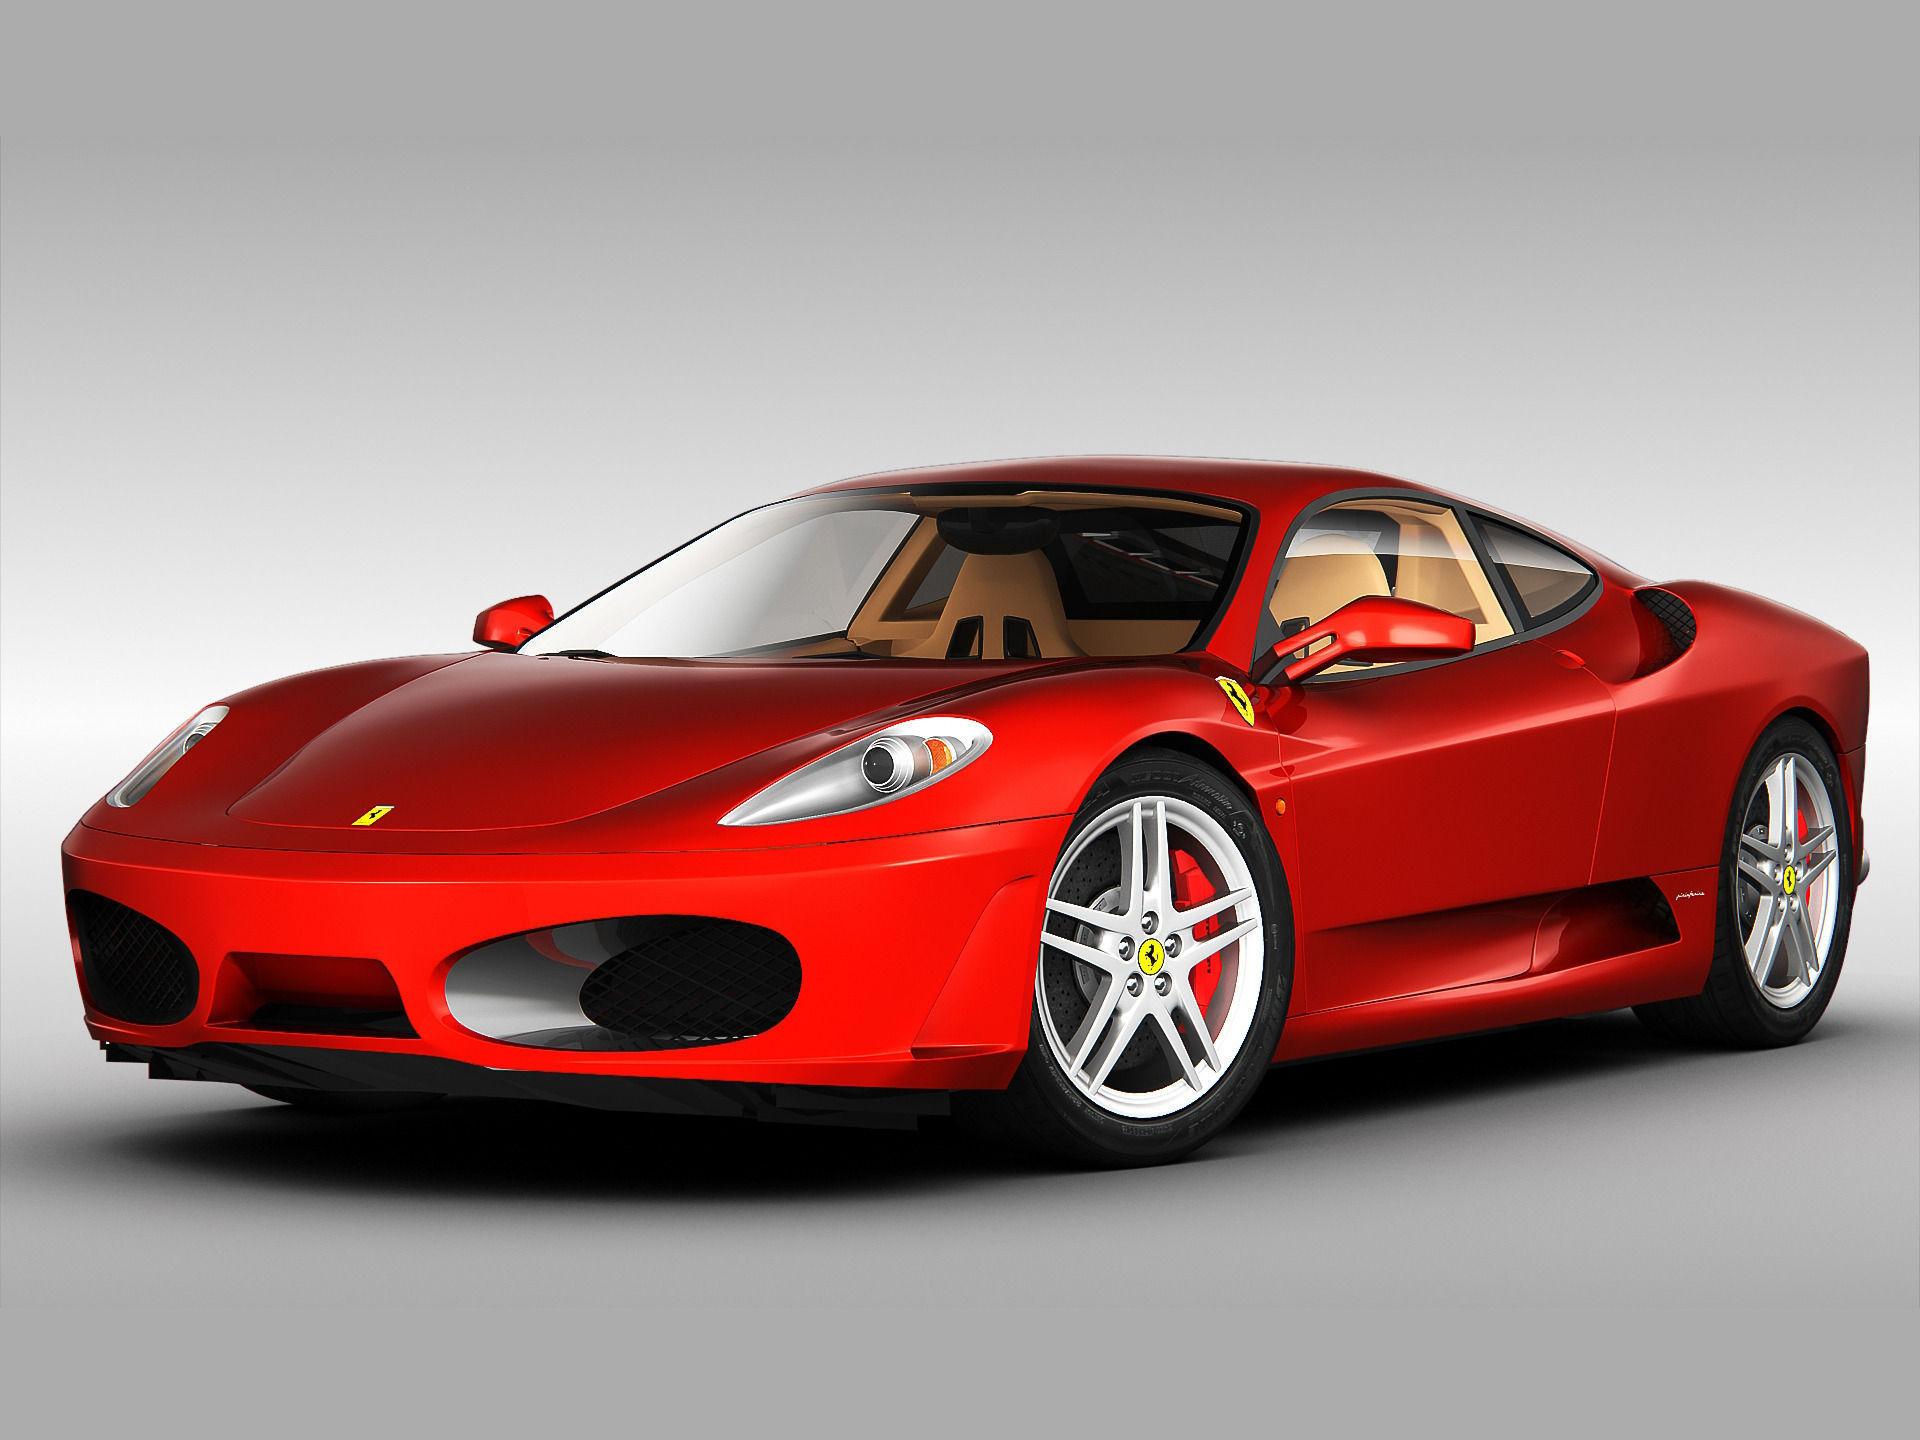 Ferrari F430 2004 - 2010 3D Model MAX OBJ 3DS C4D | CGTrader.com